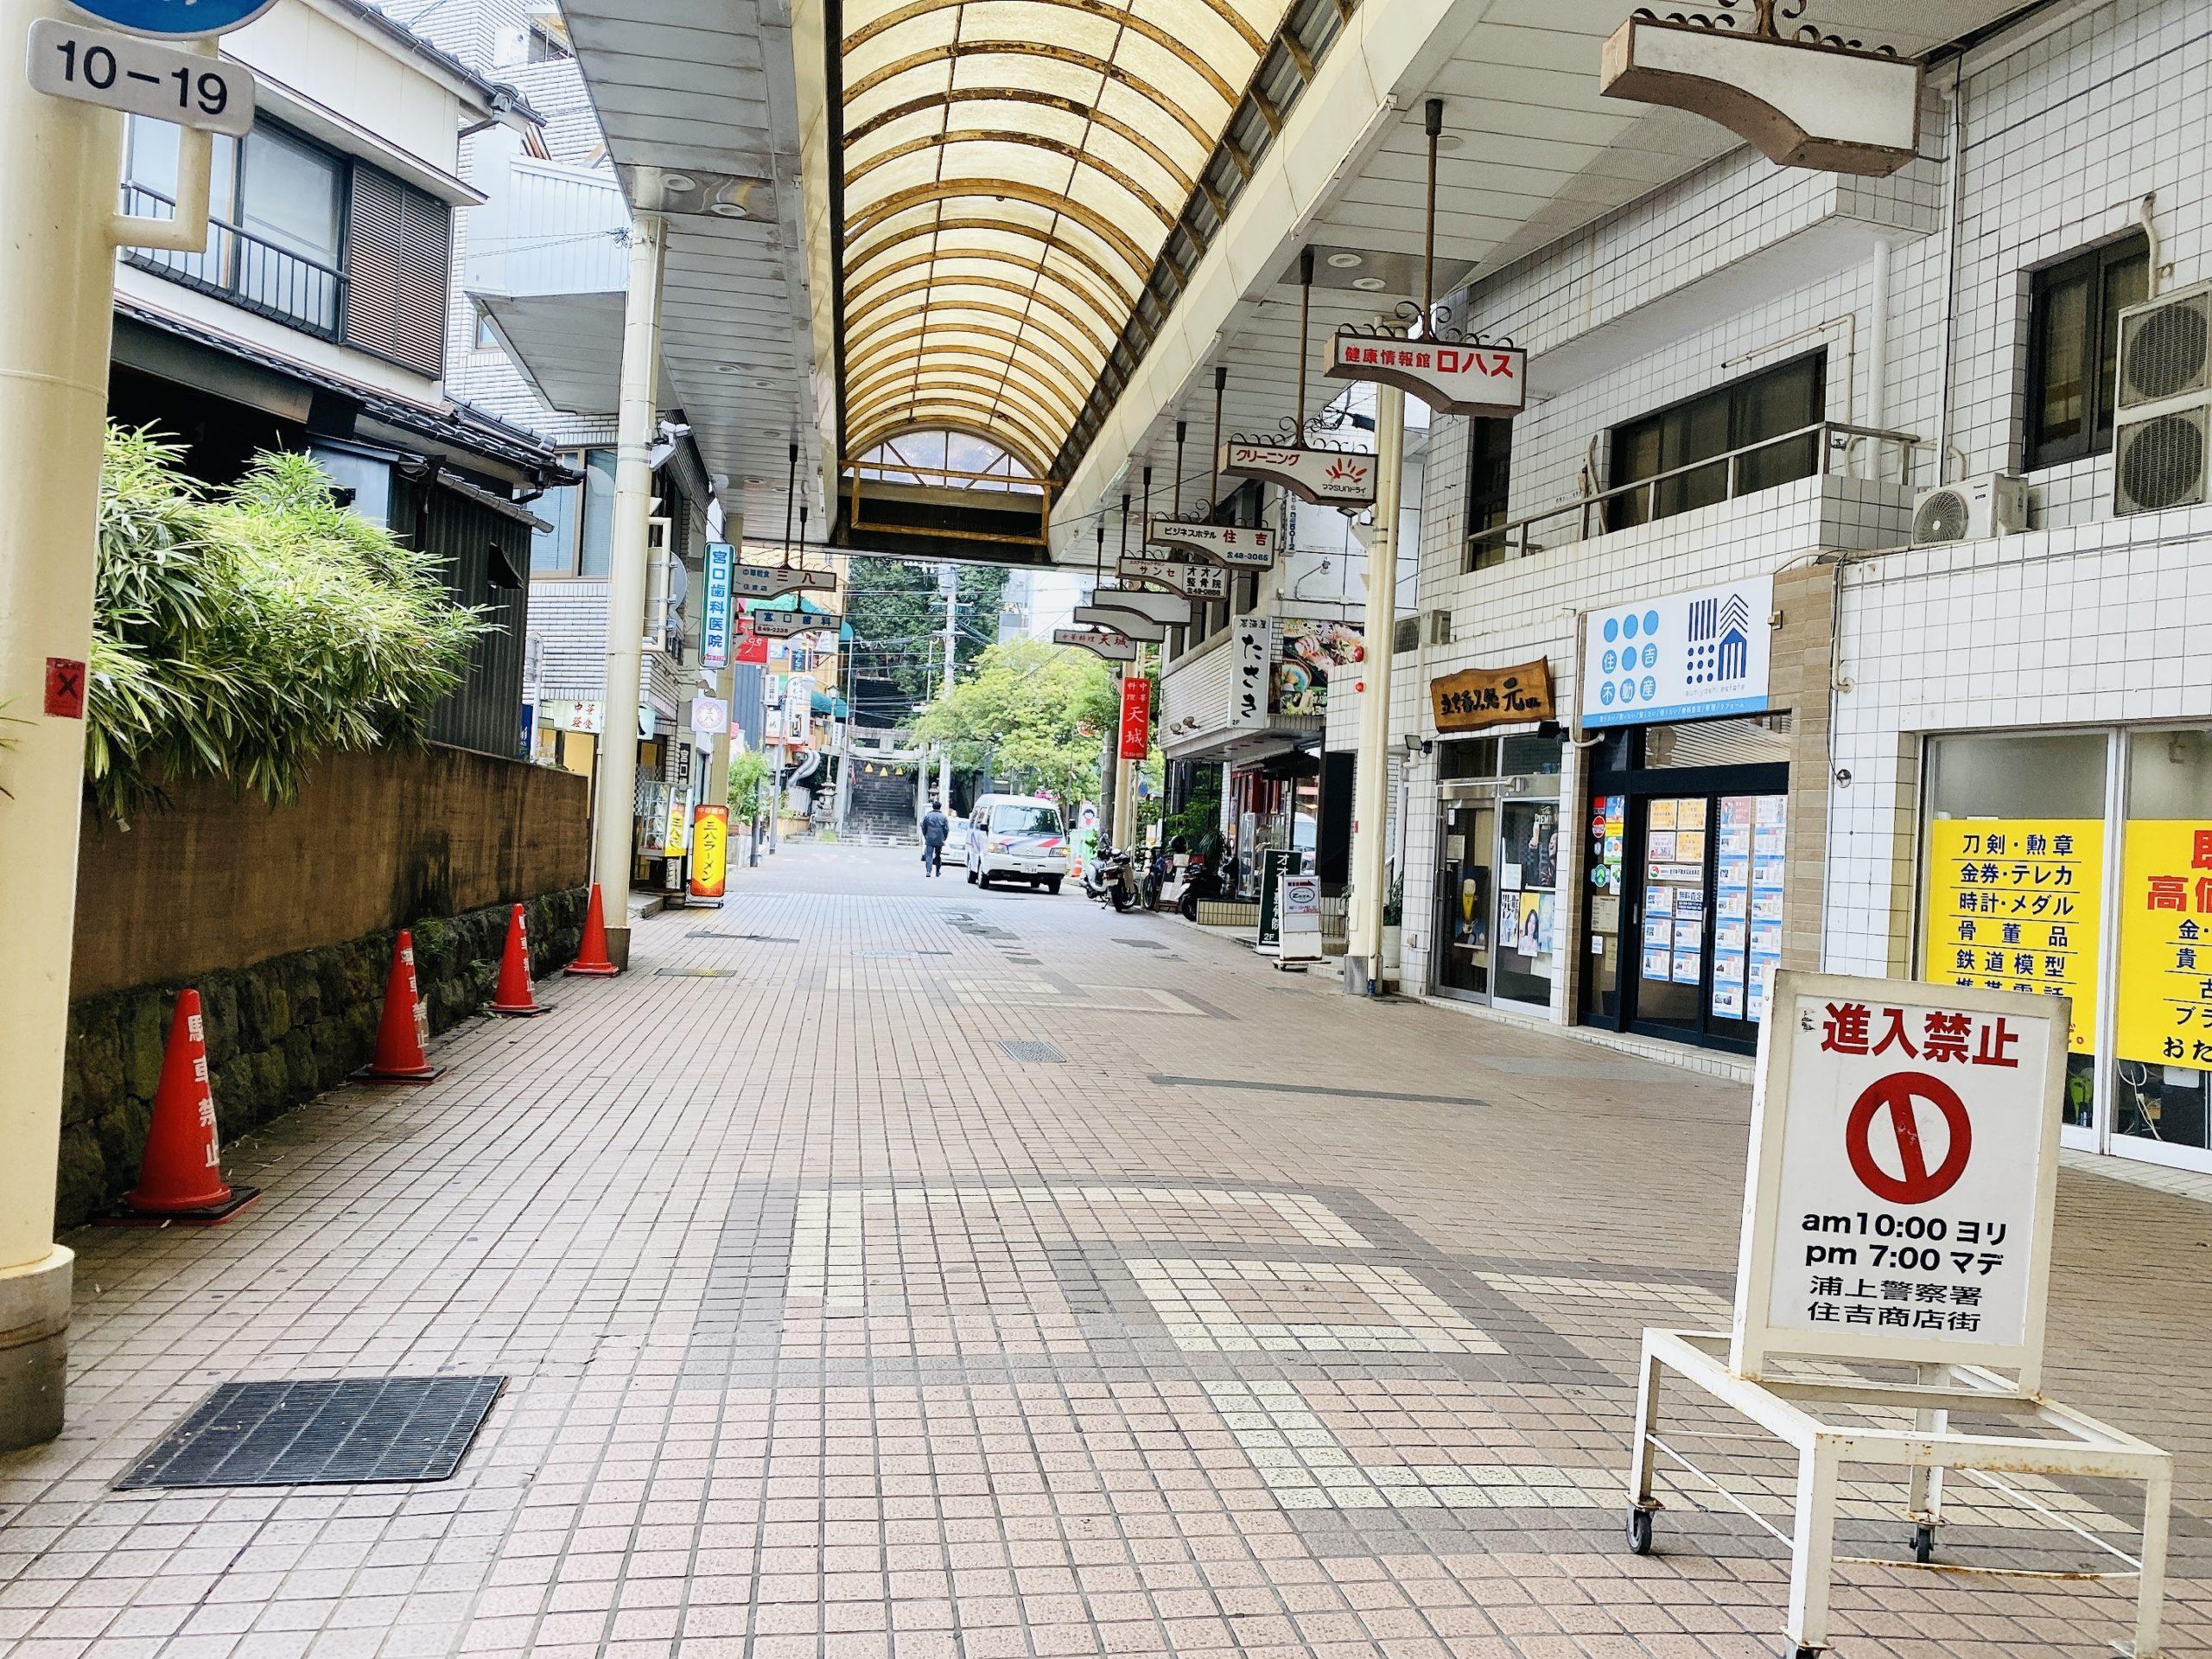 長崎市住吉神社へのアクセス